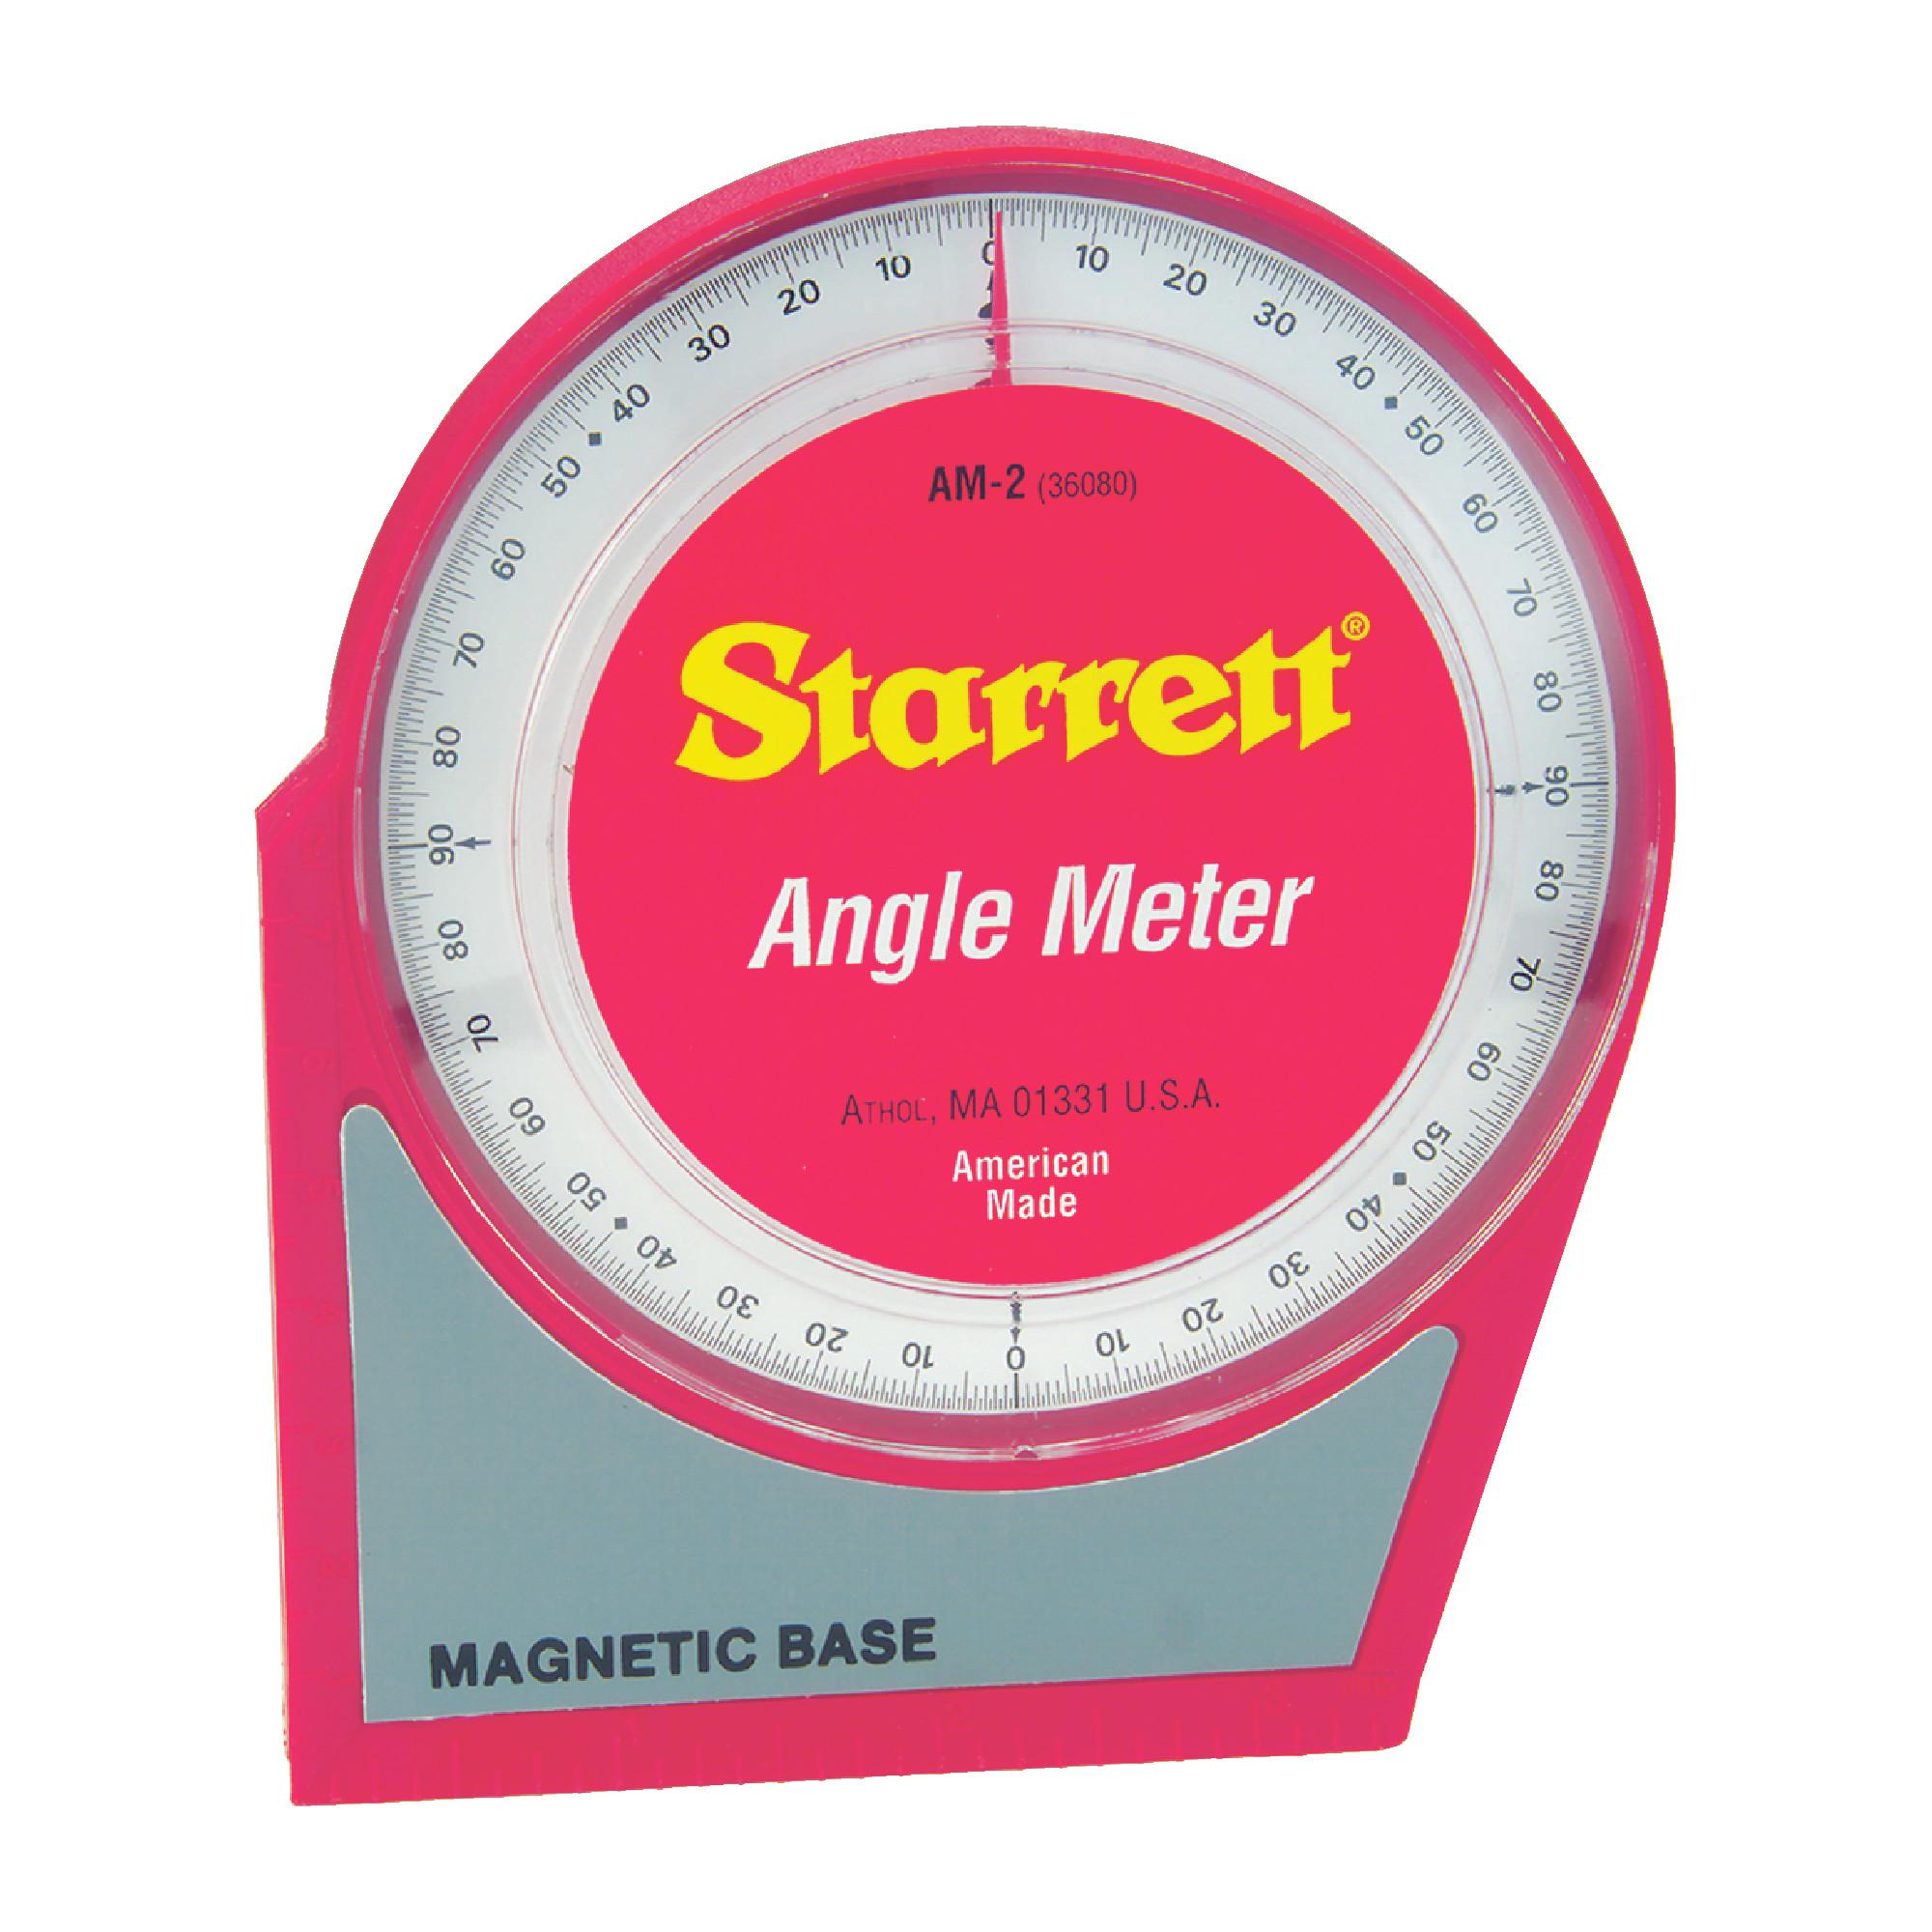 Angle Meter